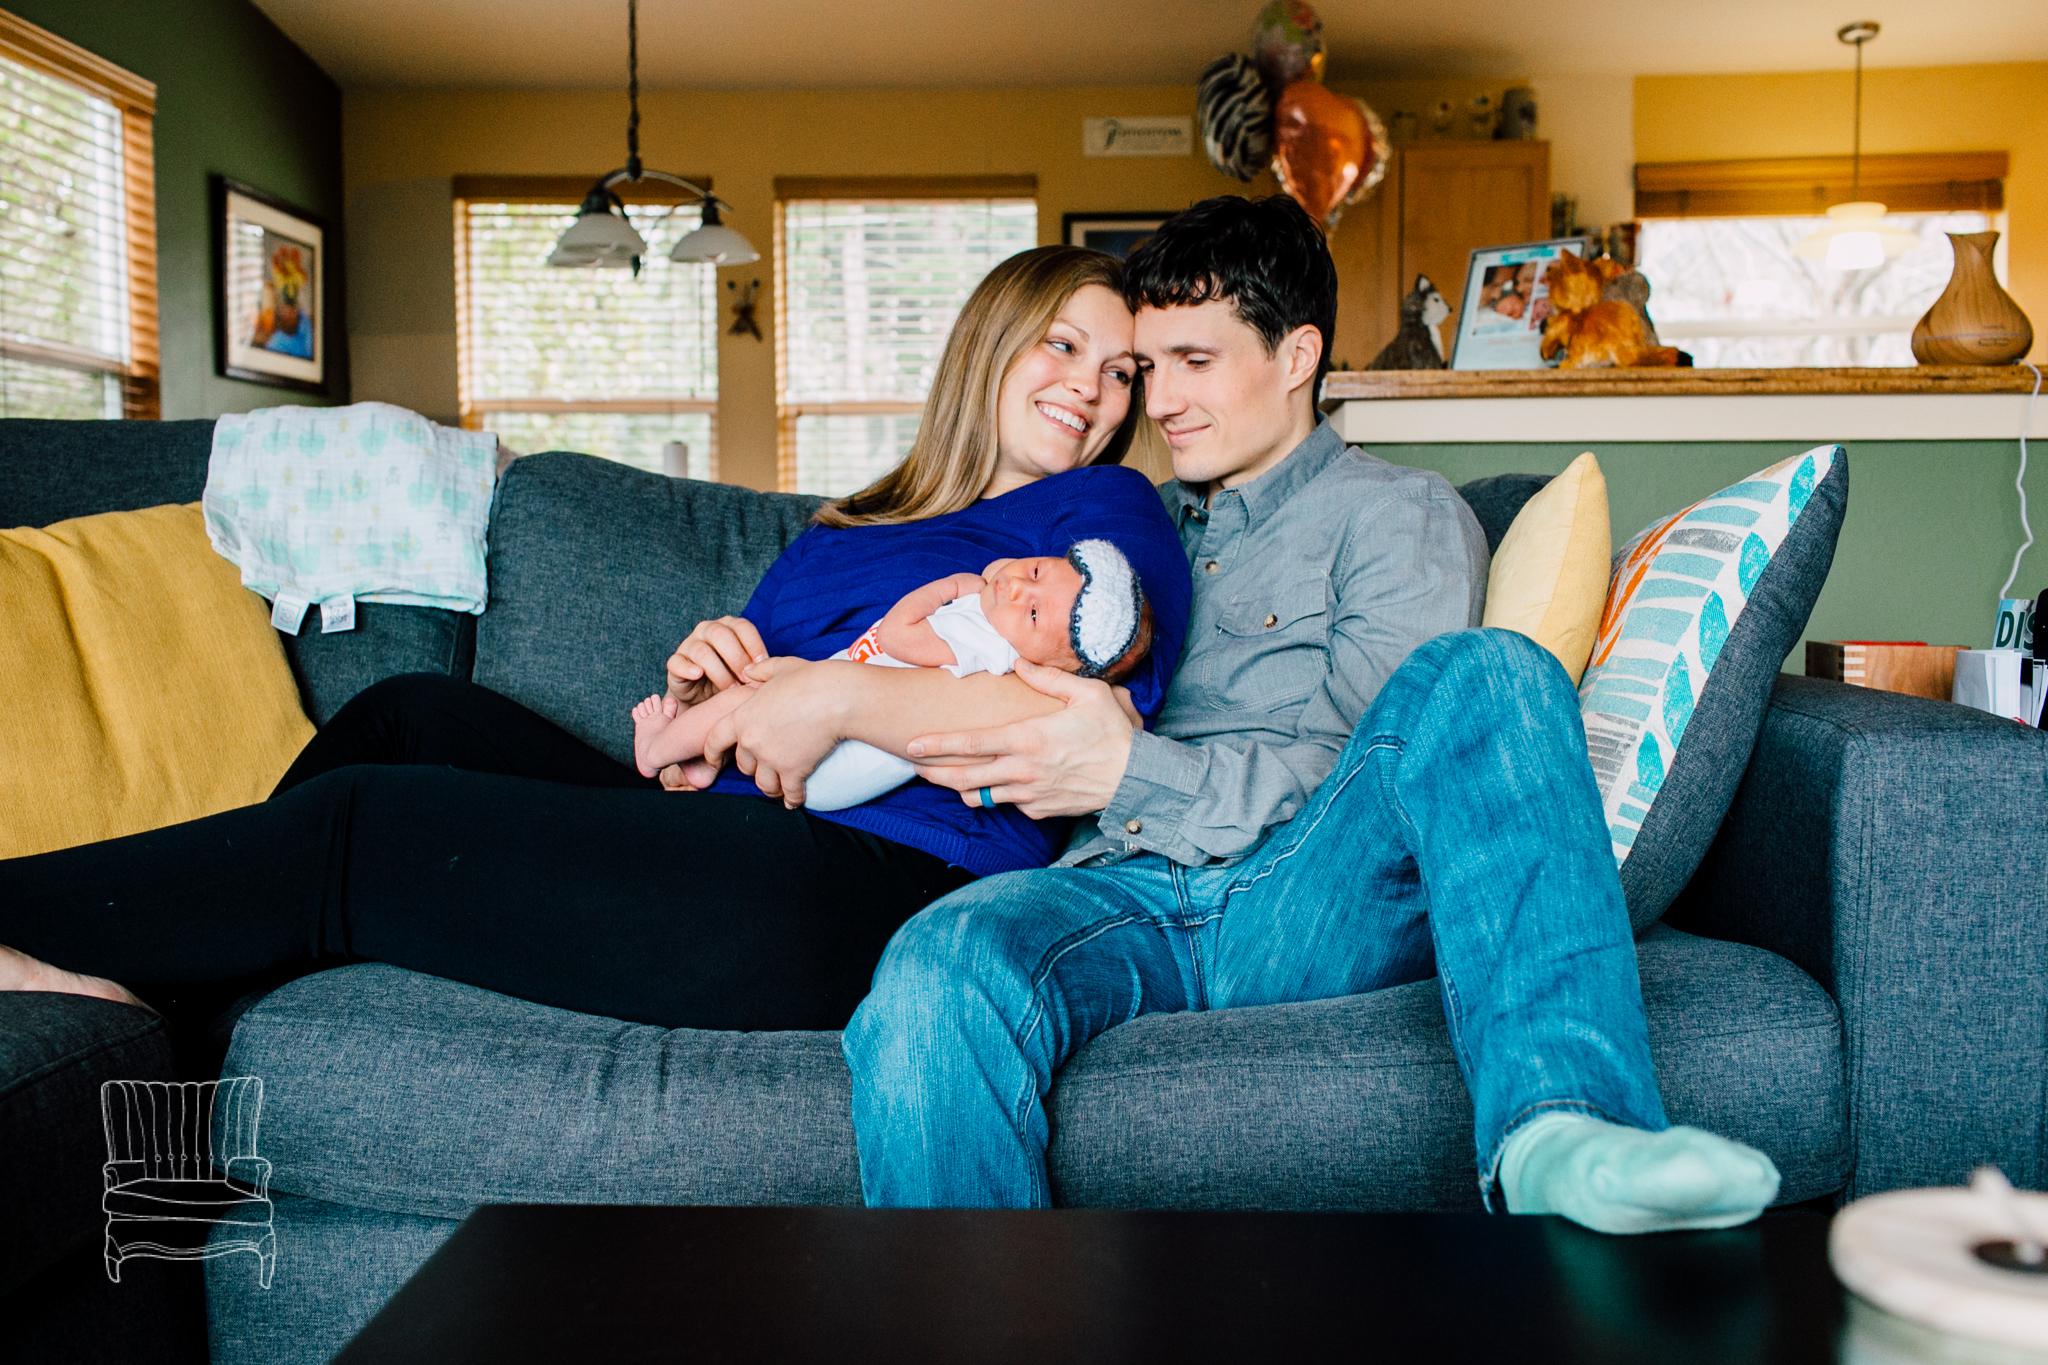 bellingham-newborn-photographer-katheryn-moran-hadley -2.jpg